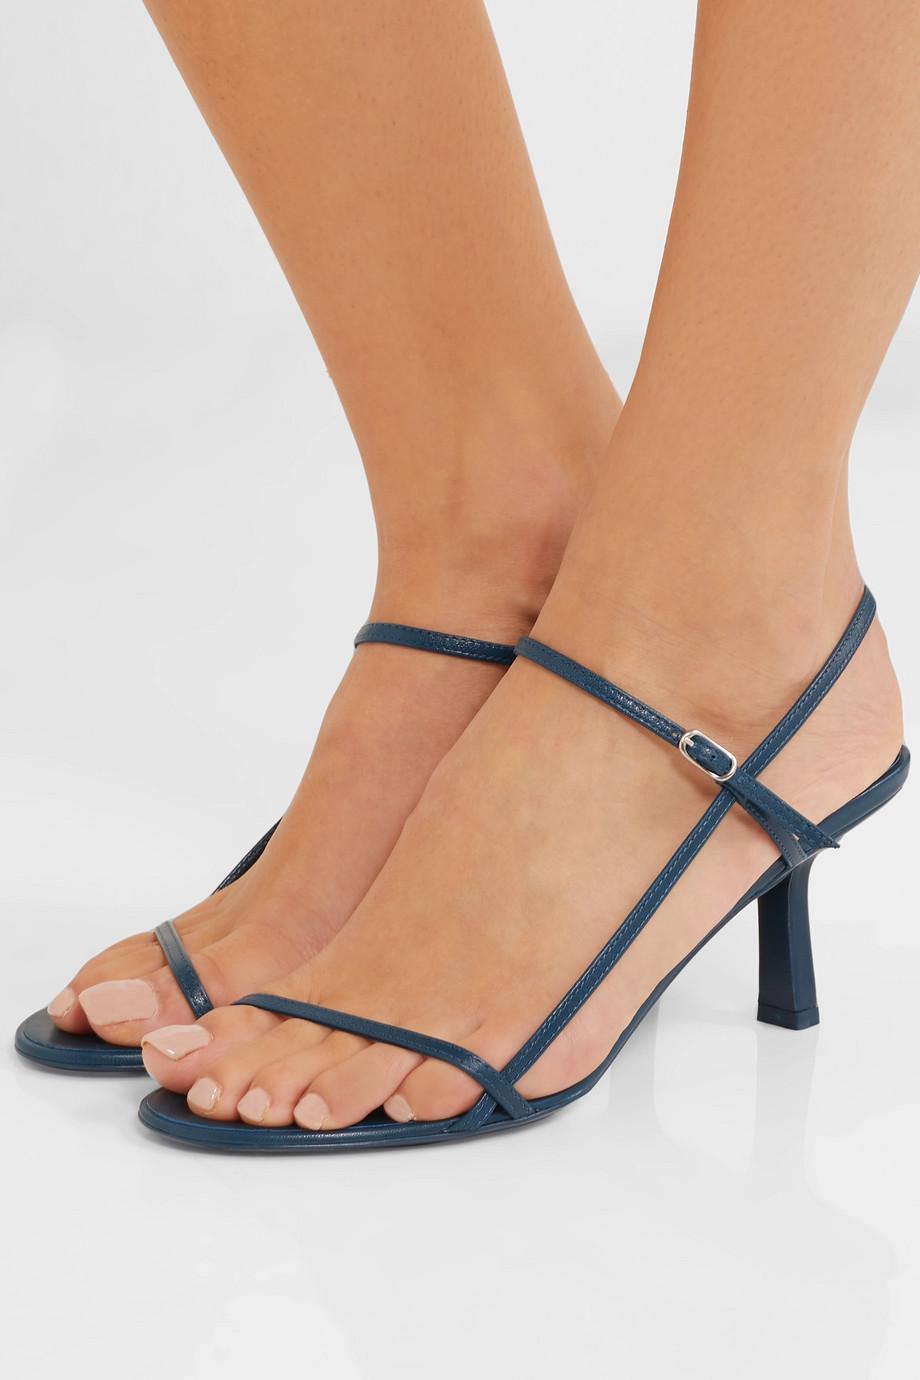 Women designer sandals Summer Bare leather sandals slender straps 100% Sheep soft leather 65mm elegant High Heels Dress shoes Party shoes